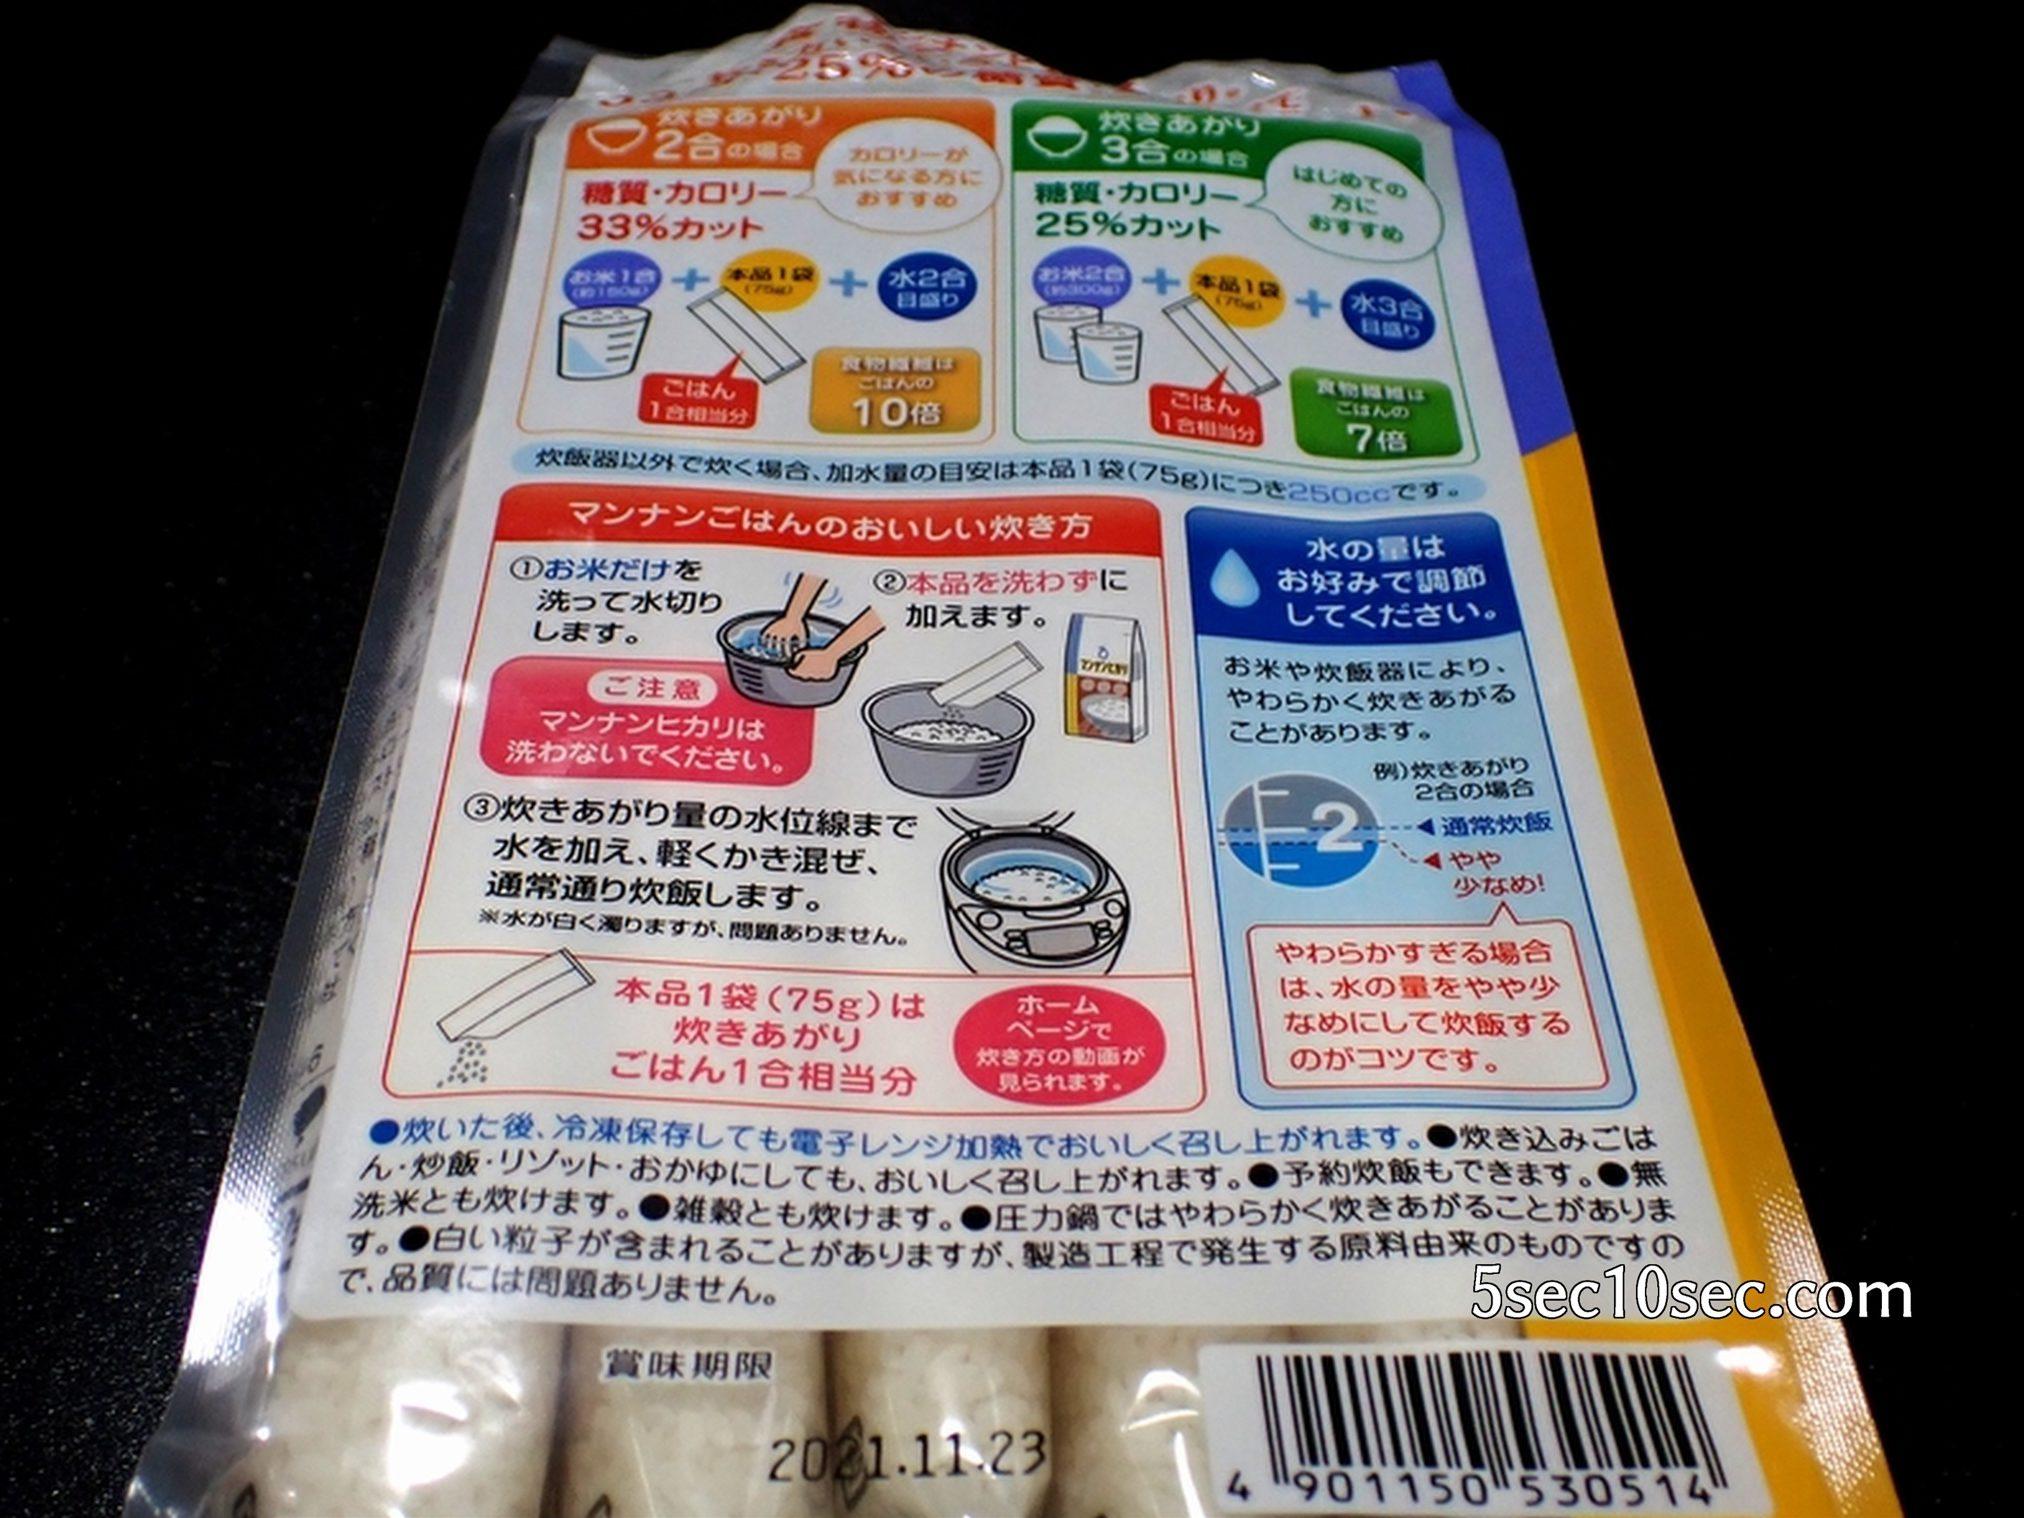 大塚食品 マンナンヒカリ  使用方法 炊き方 商品説明